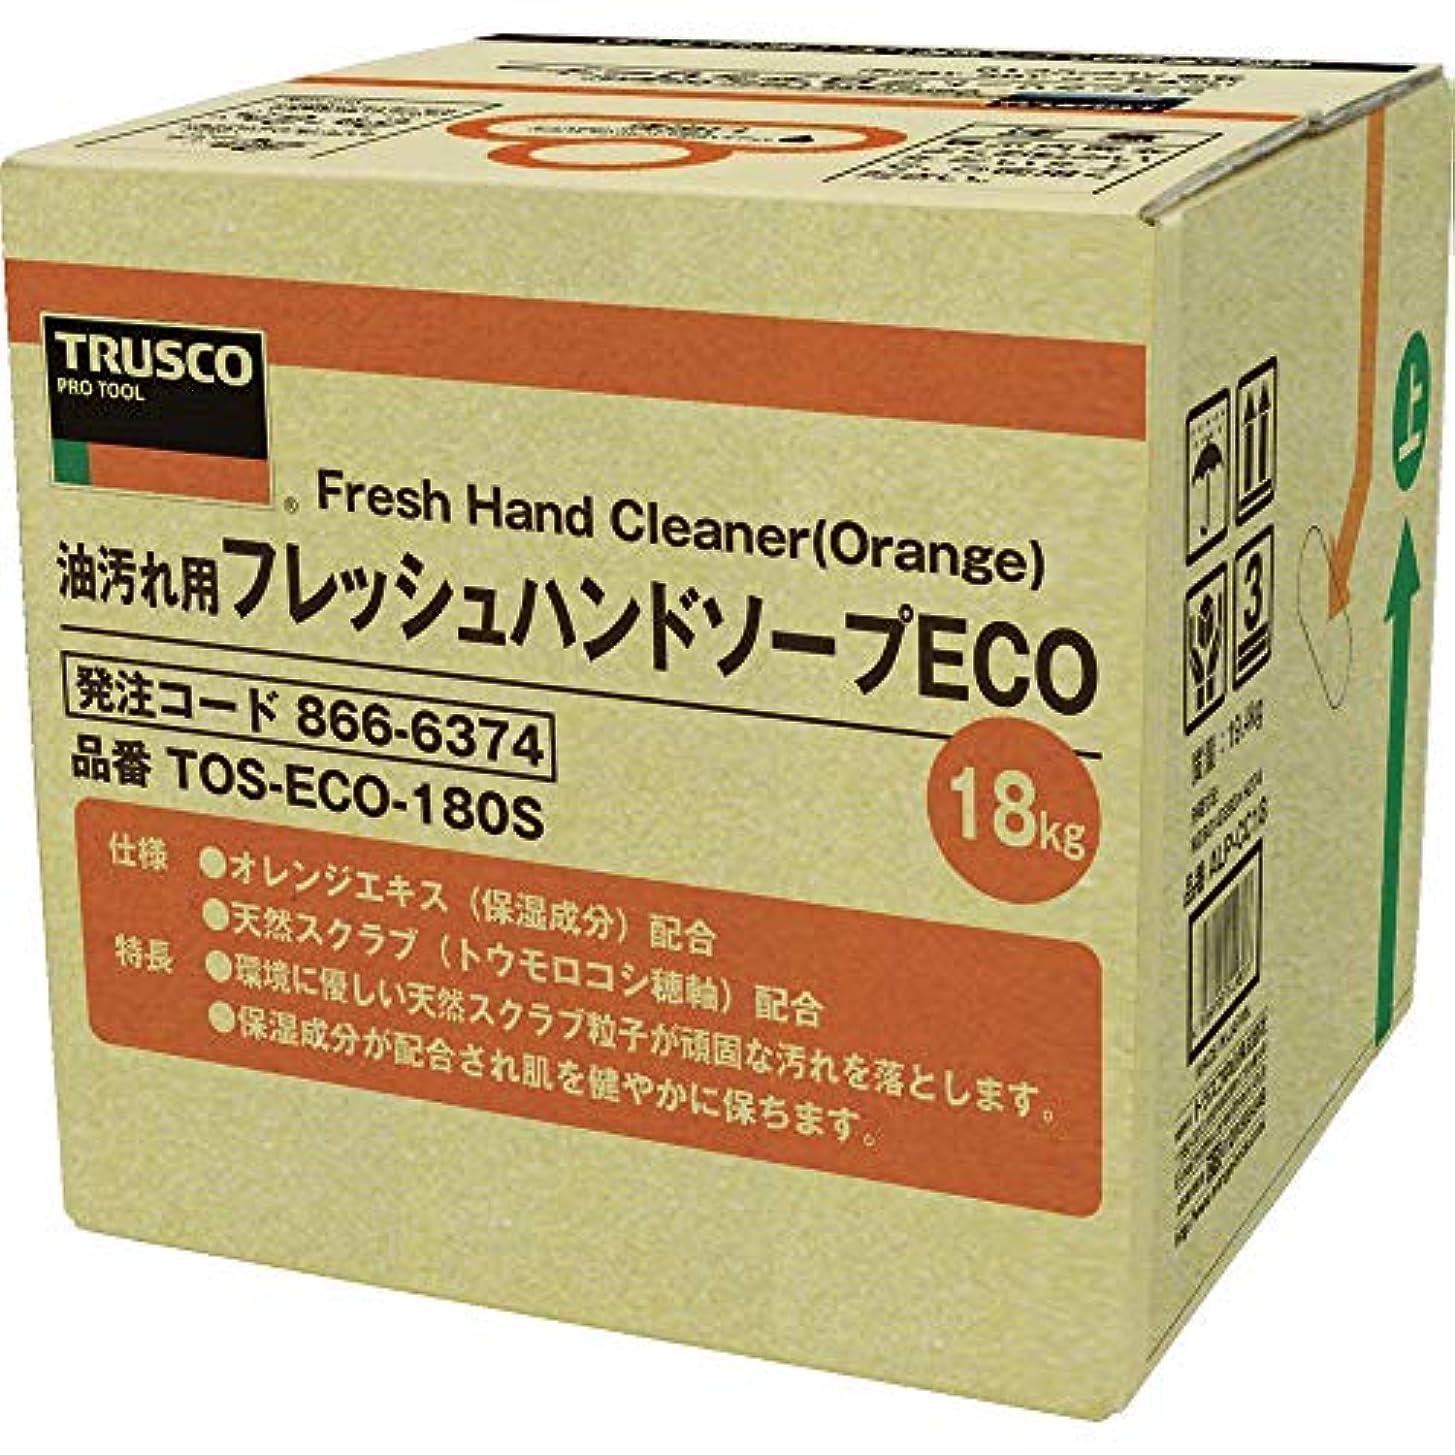 補助金追記いつもTRUSCO(トラスコ) フレッシュハンドソープECO 18L 詰替 バッグインボックス TOSECO180S